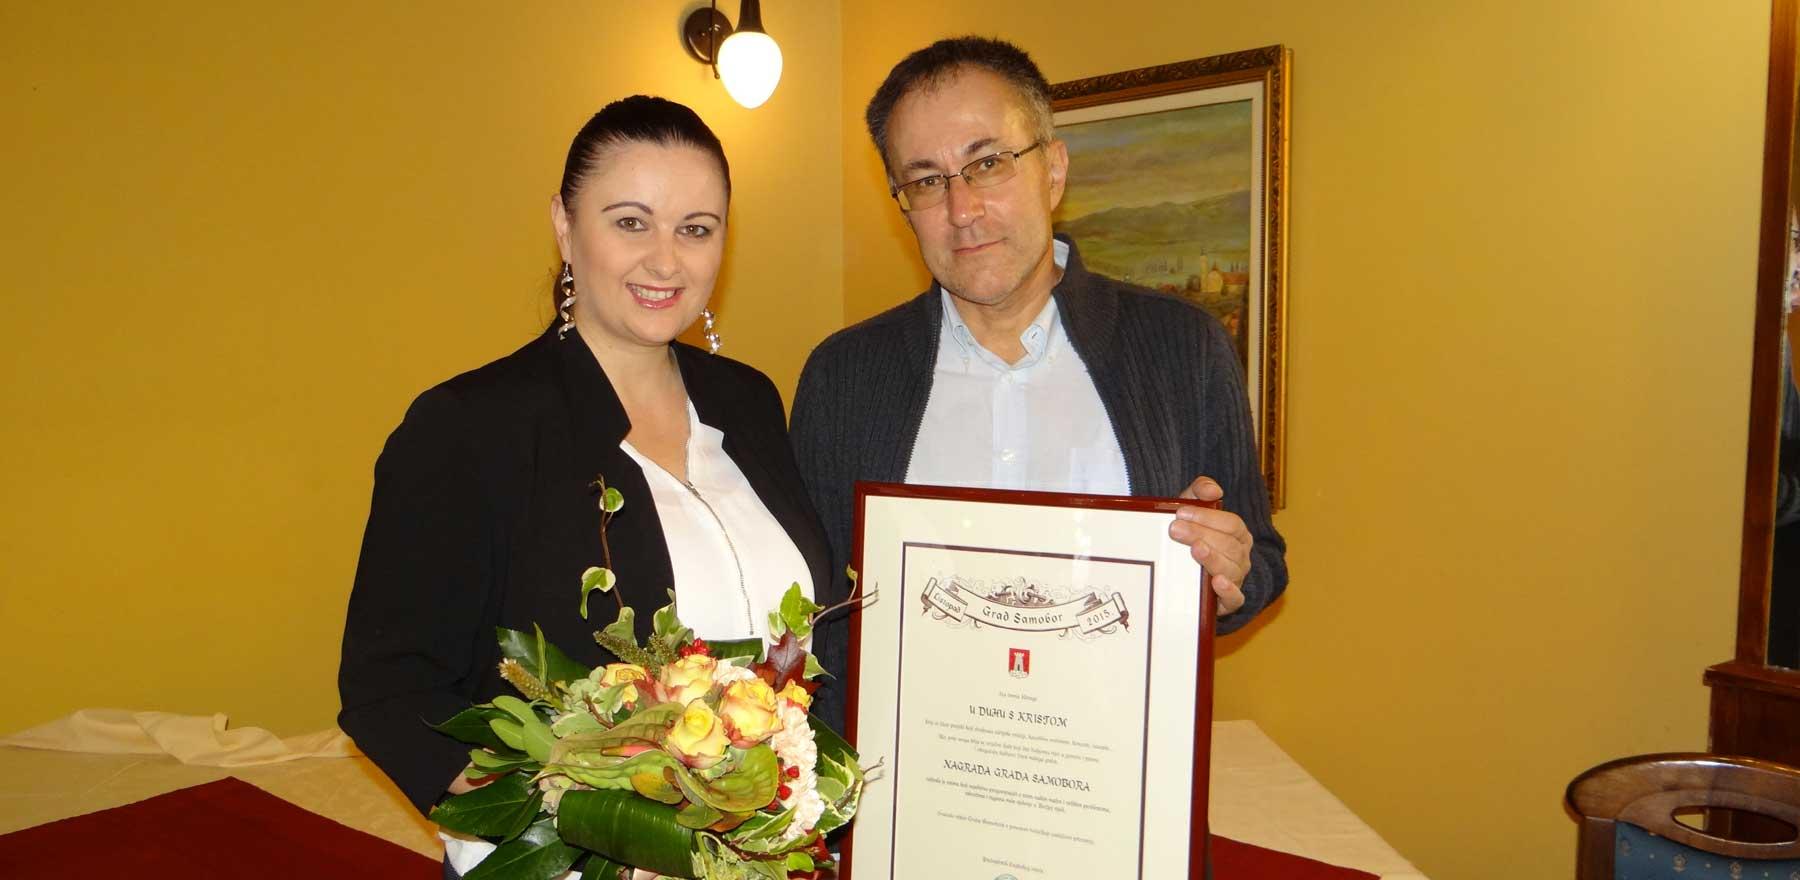 Silvija Blažević i Edi Kirschenheuter sa Nagradom garda Samobora